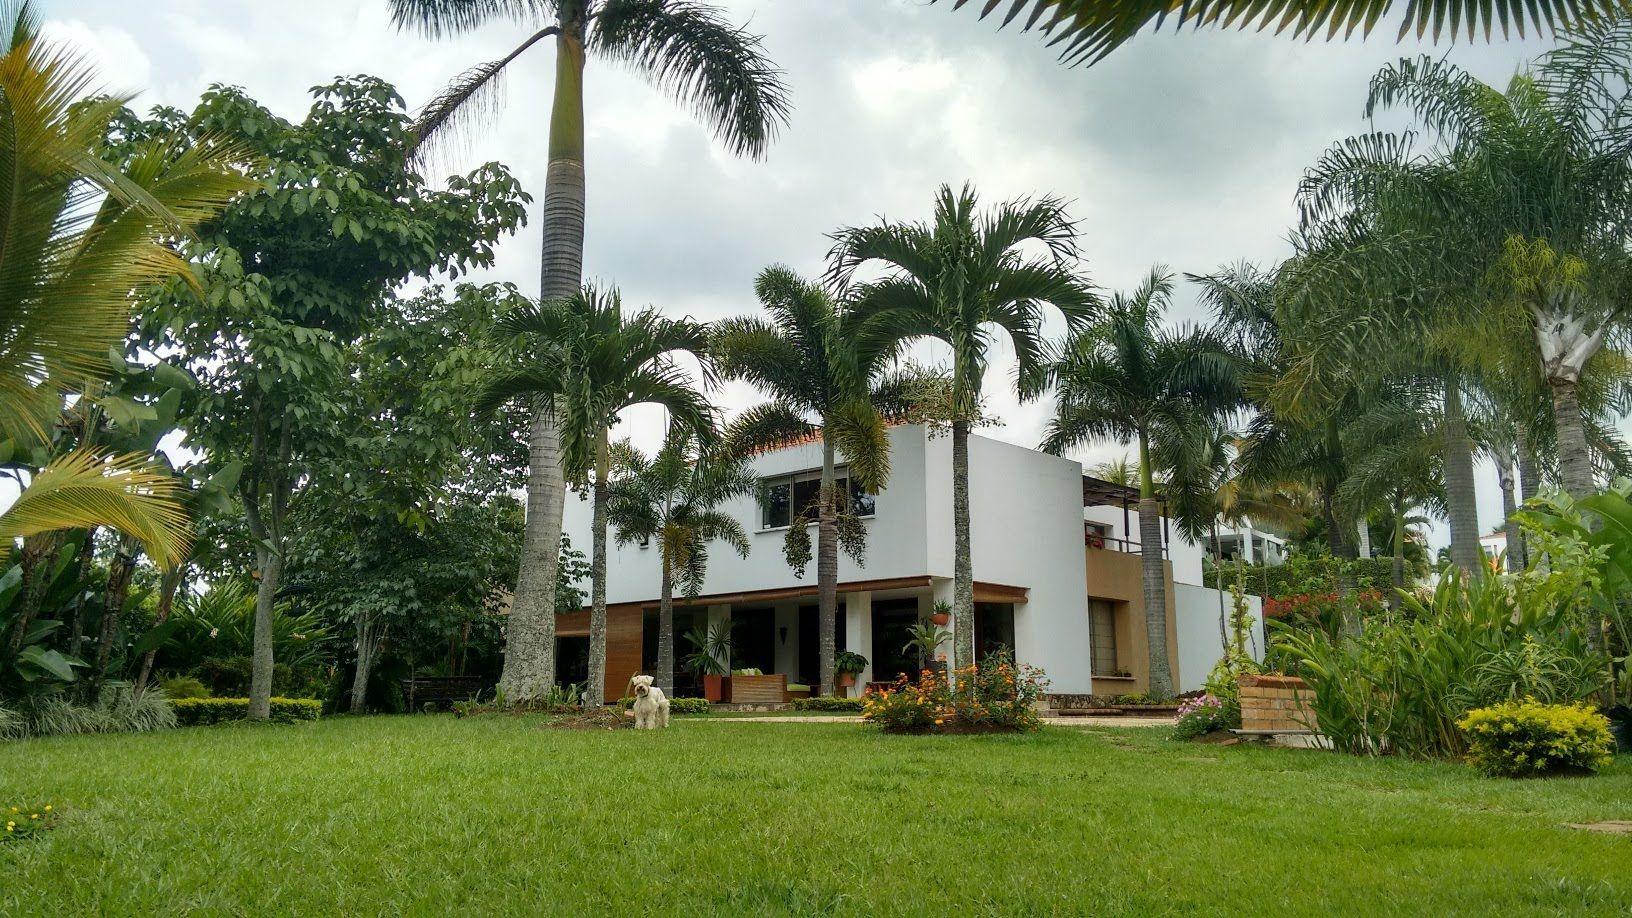 Los 5 barrios m s lujosos de colombia ole colombia for Barrio ciudad jardin bogota